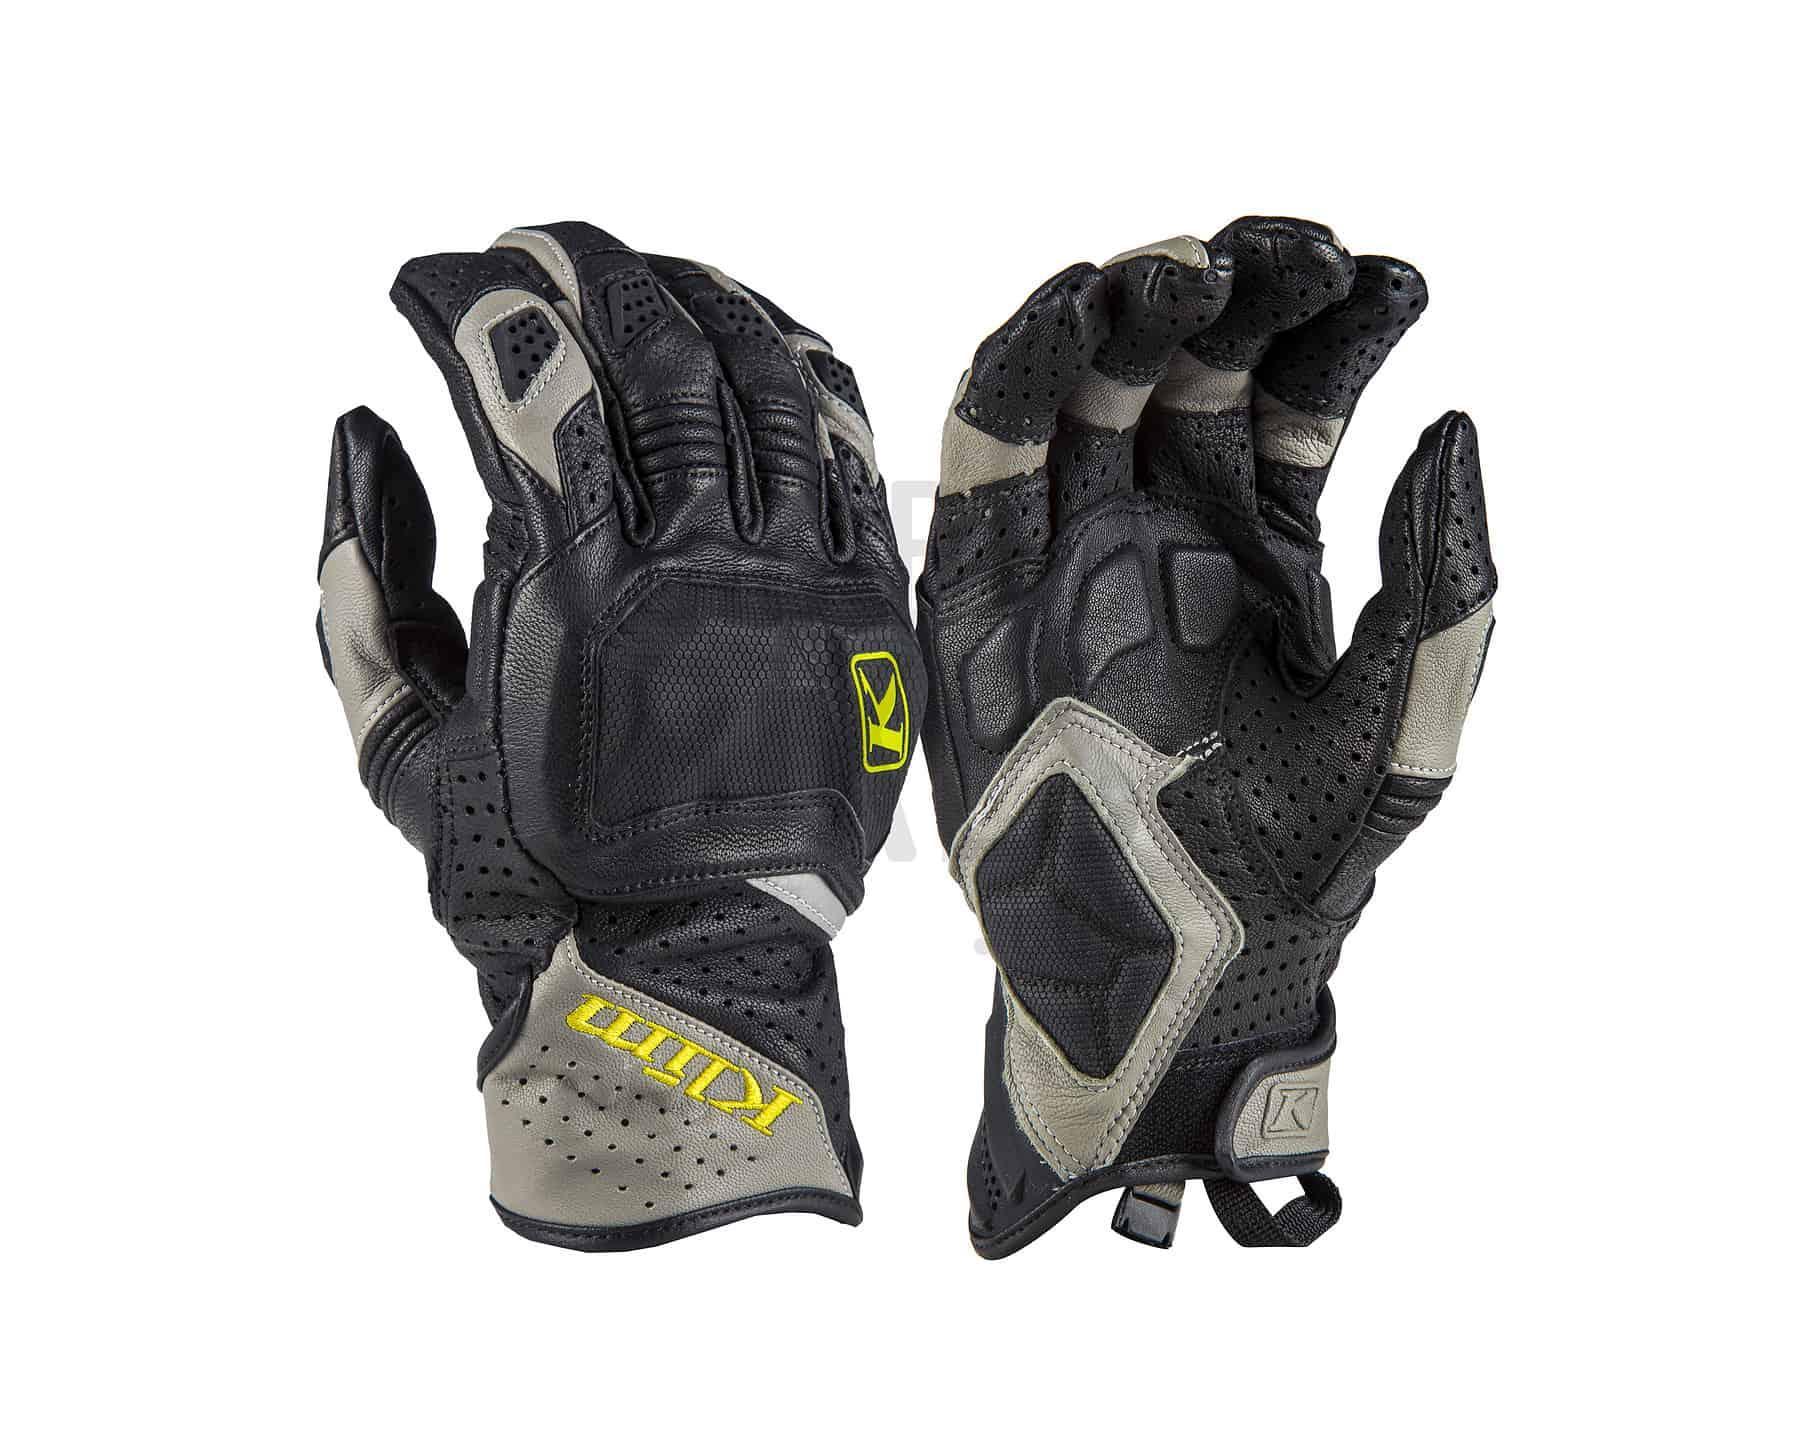 Badlands Aero Pro Short Glove_3924-000_Gray_Secondary_03